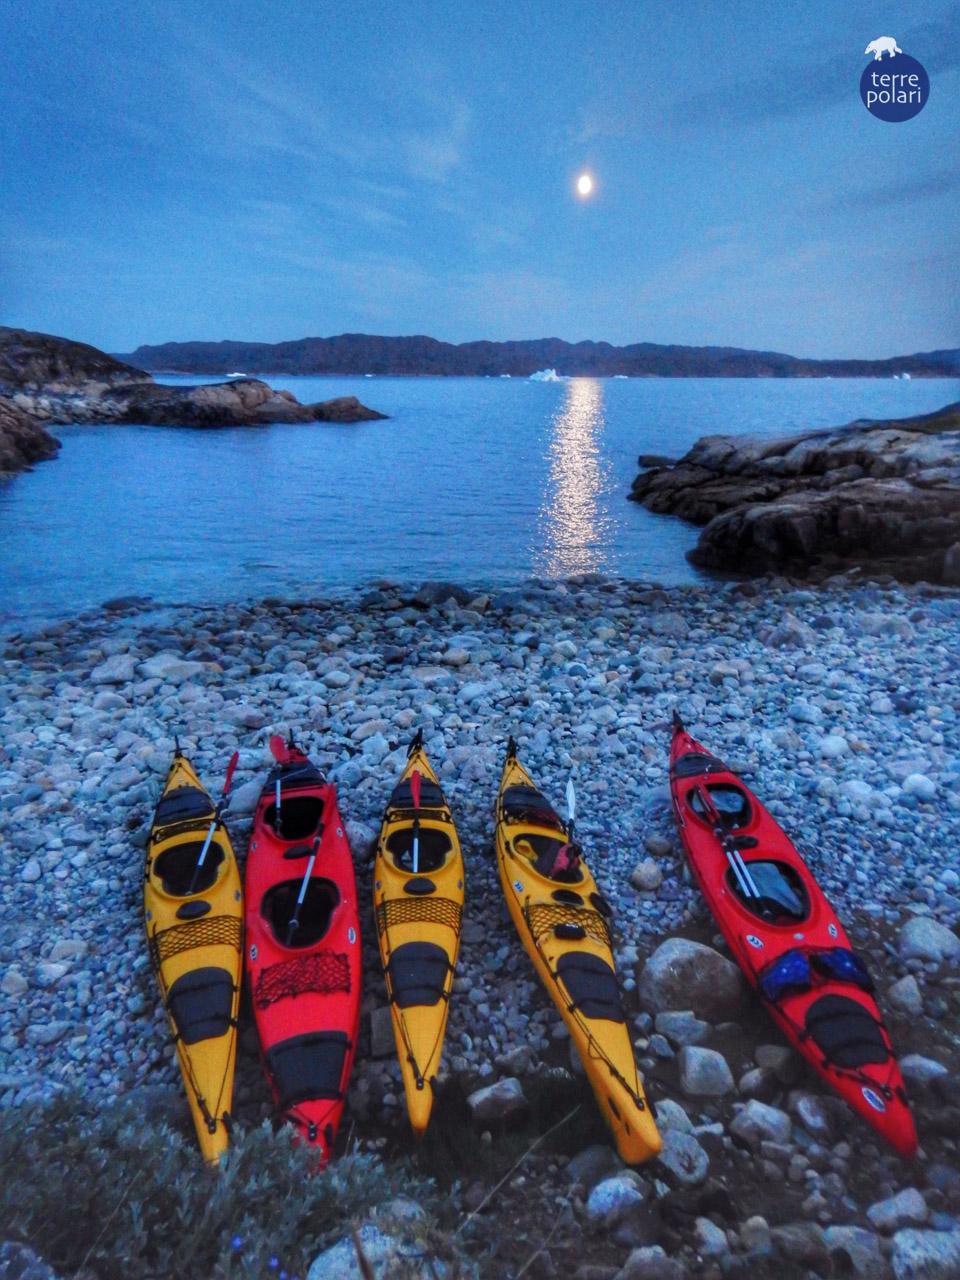 Foto Calotta Polare Autore : Andrea Mondonico Viaggio Kayak e trekking Groenlandia 8 gg 2015 Categoria 'spirito di esplorazione' Splendida luna piena all'arrivo della spiaggia nel fiordo delle balene